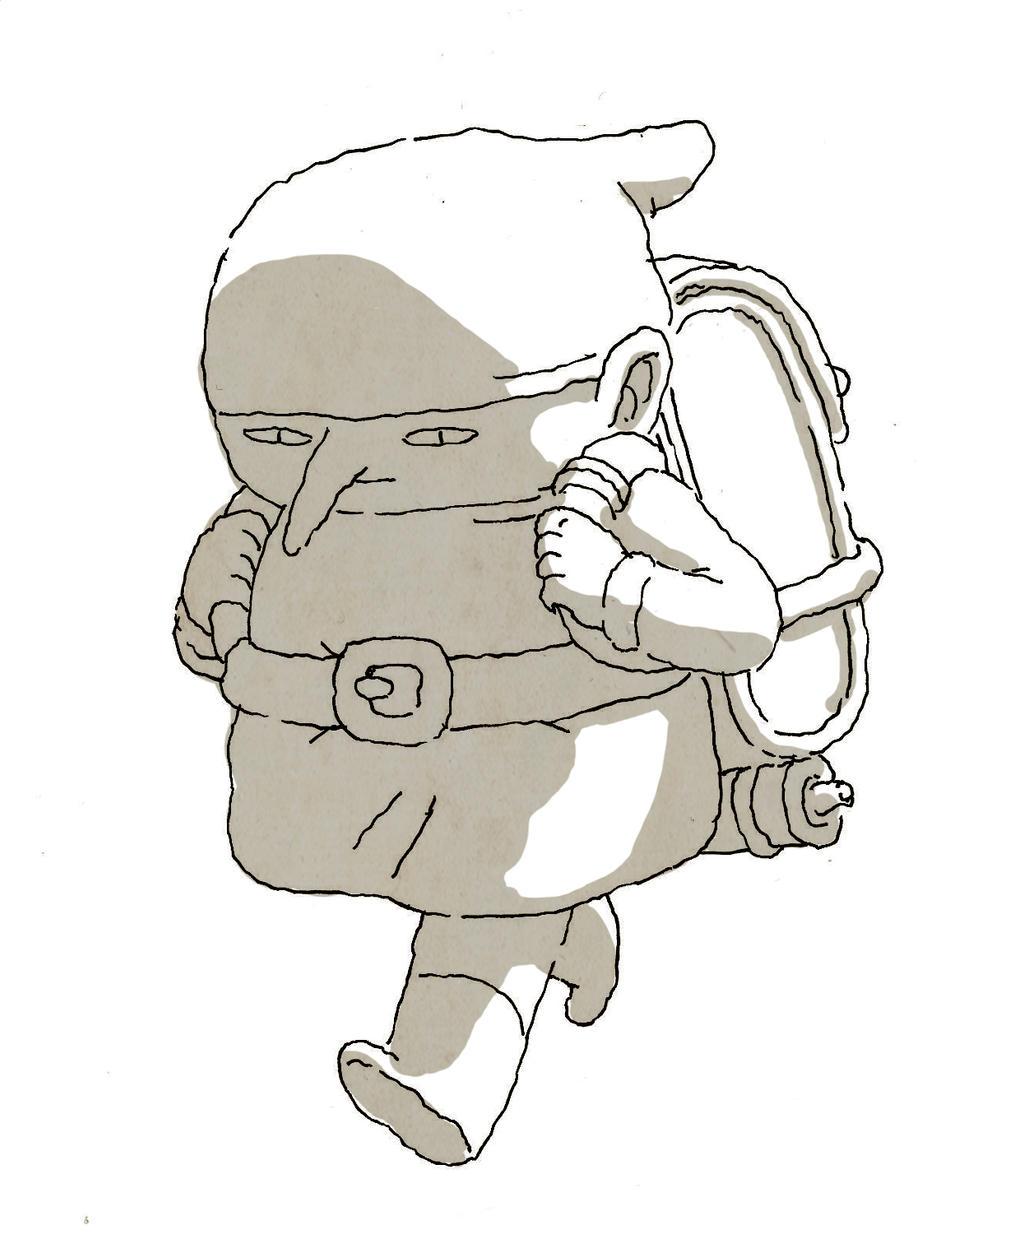 Gnome walk by NeverRider